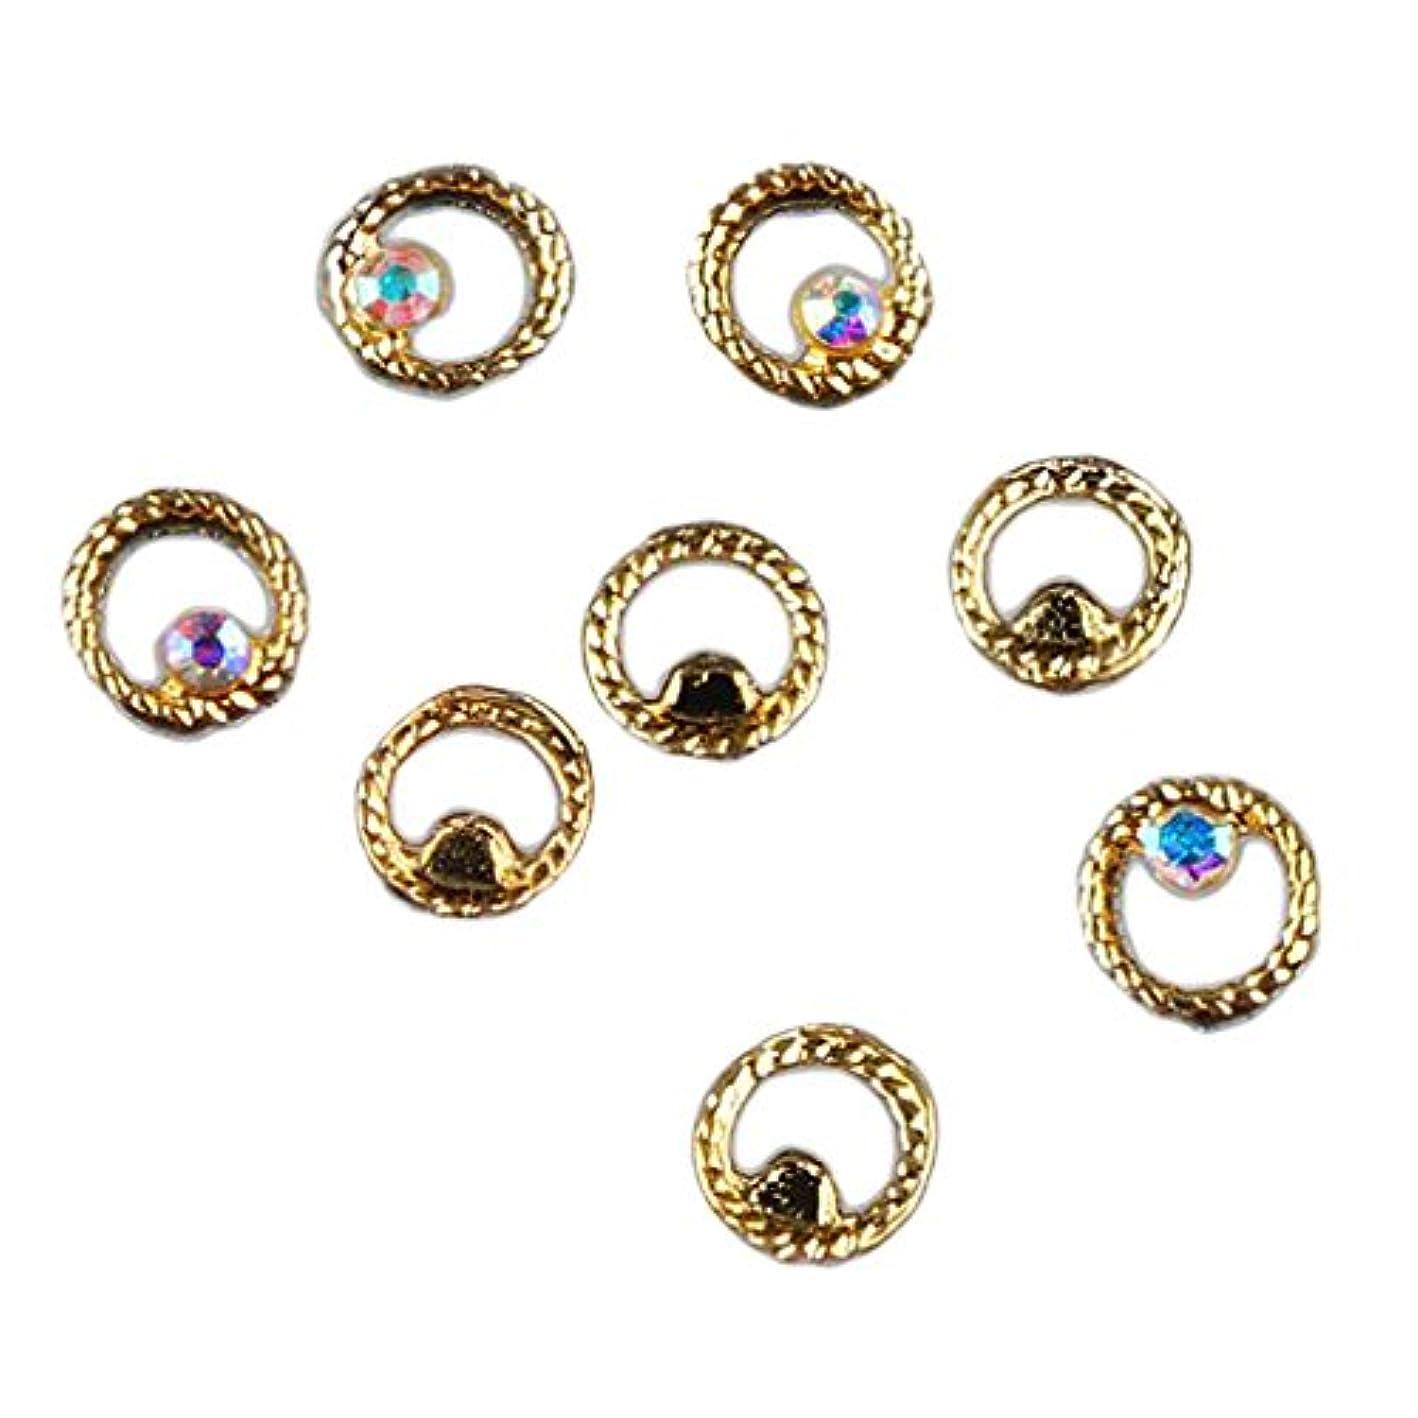 剛性保護ダルセットKesoto マニキュア ダイヤモンド 約50個 3Dネイルアート ヒントステッカー 装飾 全8タイプ選べ - 3